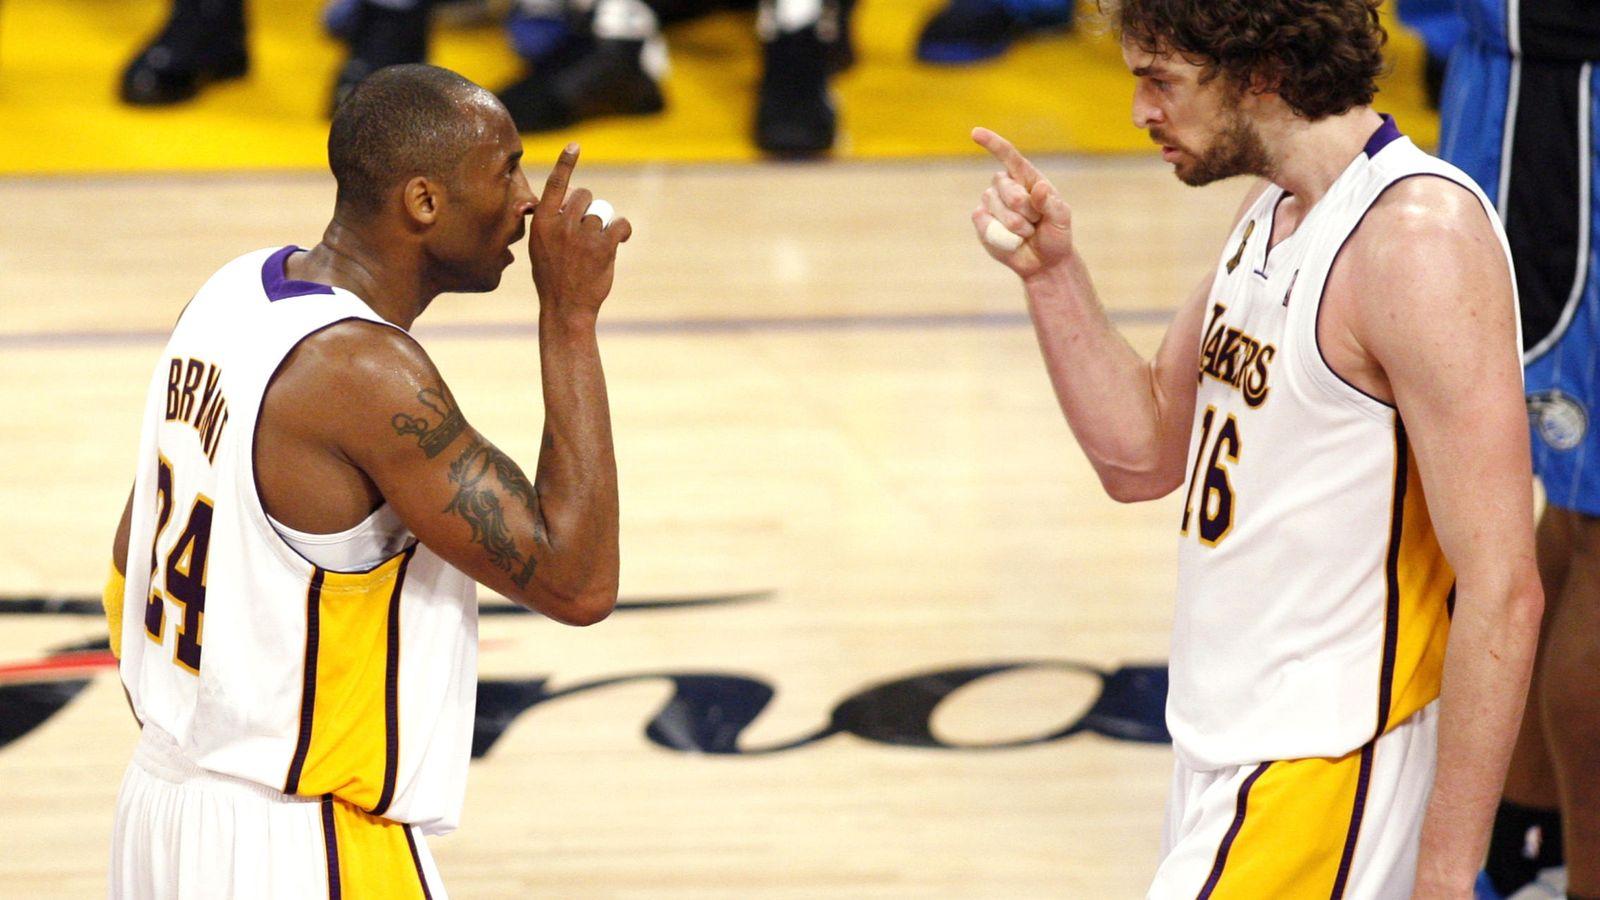 Foto: Juntos, Bryant y Gasol ganaron dos anillos (Danny Moloshok/Reuters)